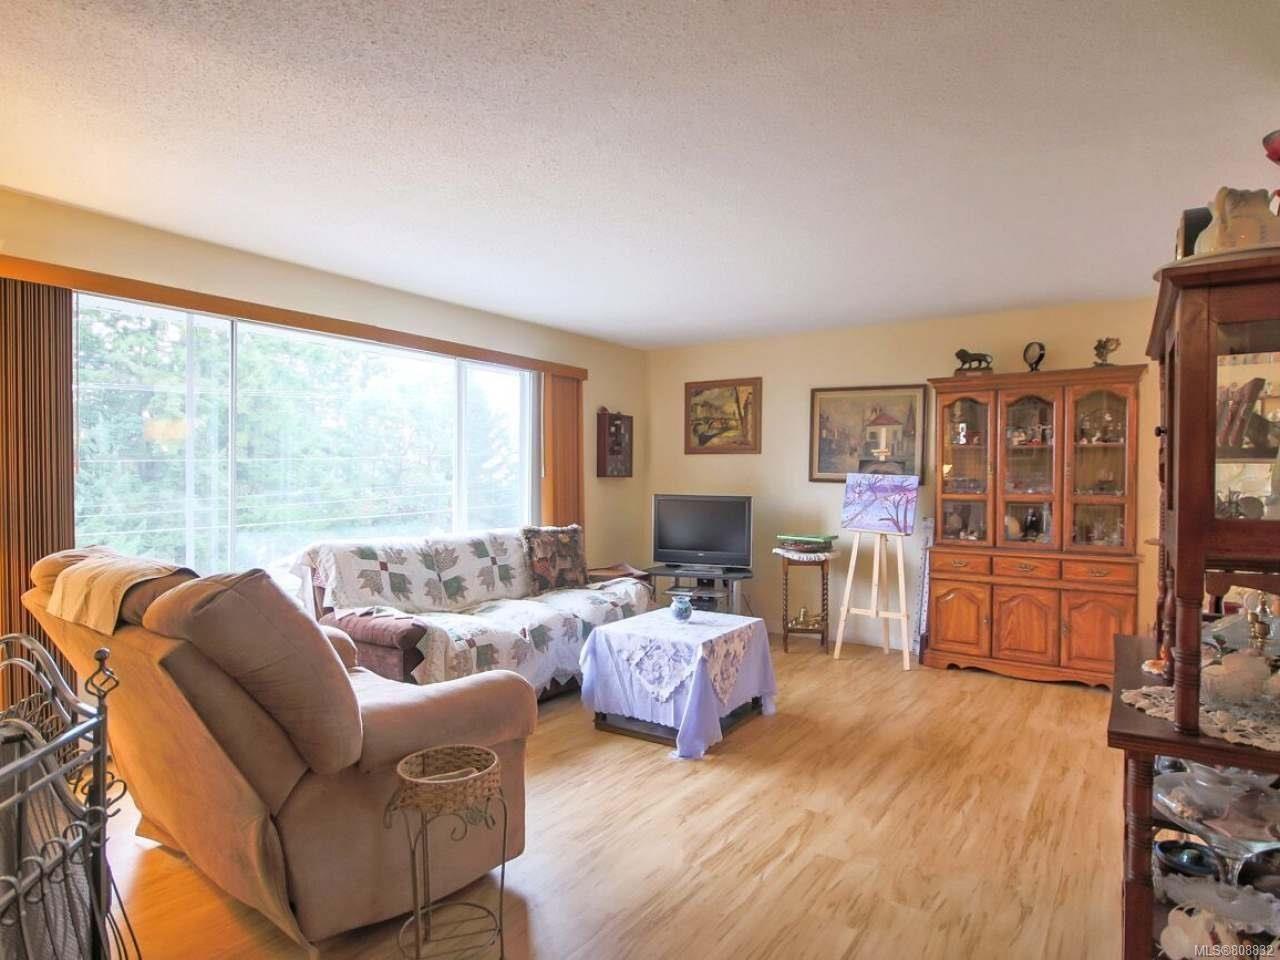 Photo 8: Photos: 5407 Lost Lake Rd in NANAIMO: Na North Nanaimo House for sale (Nanaimo)  : MLS®# 808832